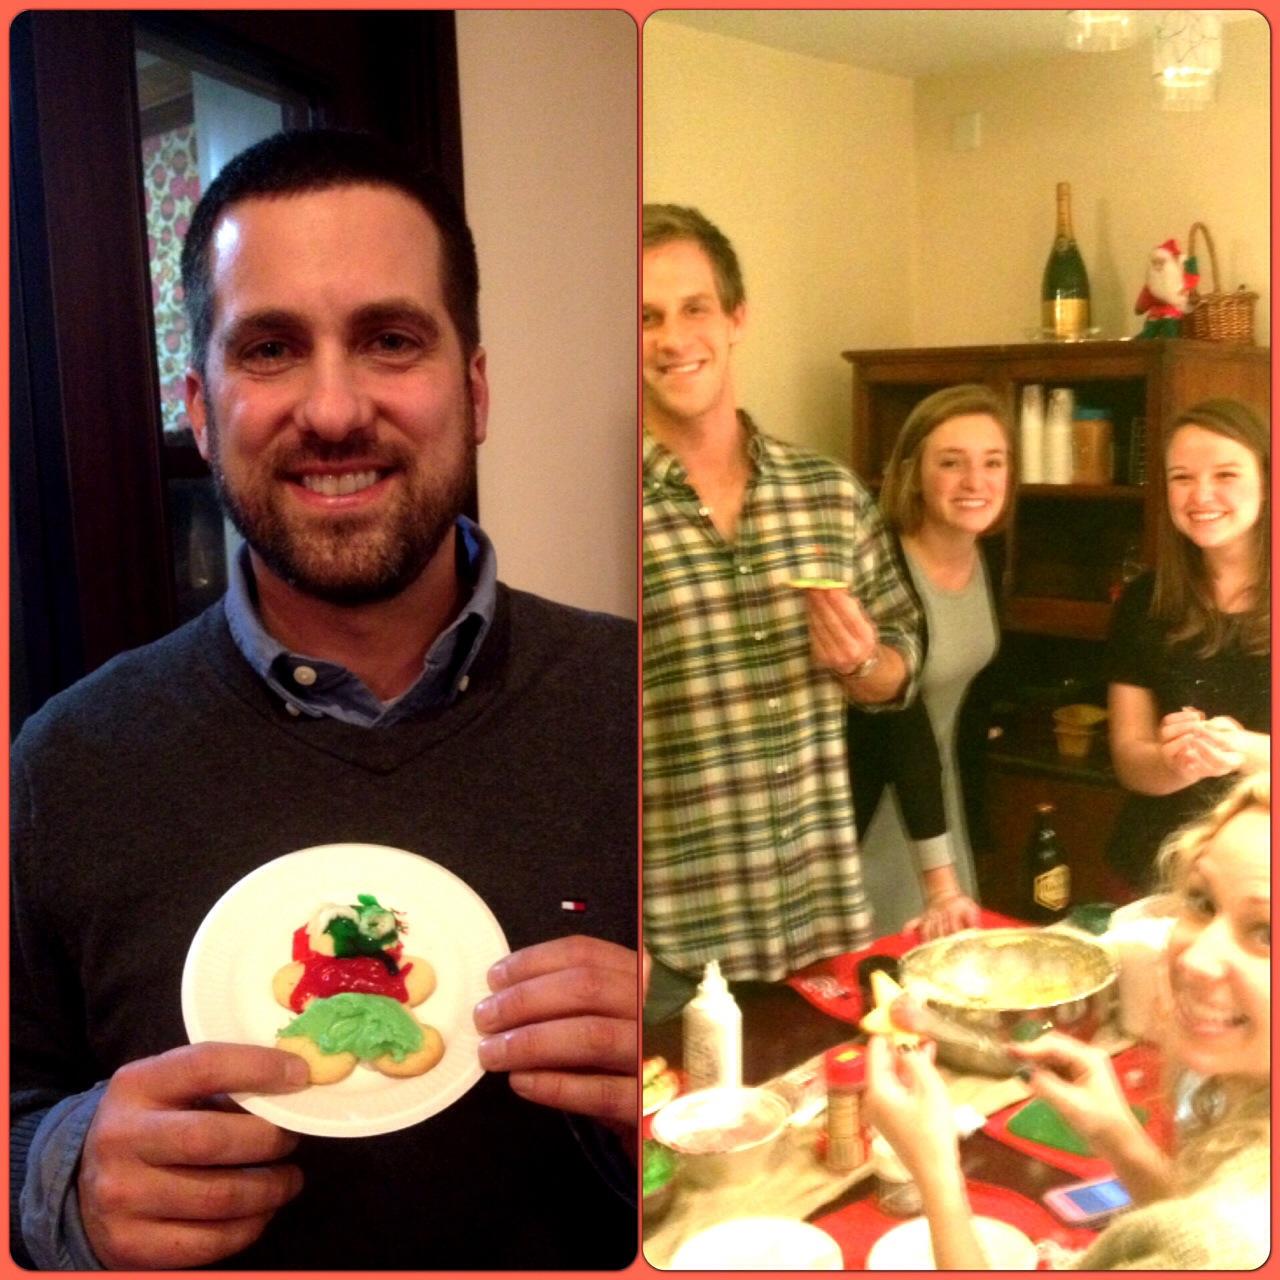 John Gunter with Tyler Lueck, Emily Crane, Kathleen Kimbrough, and Sarah Strong on Christmas Eve.